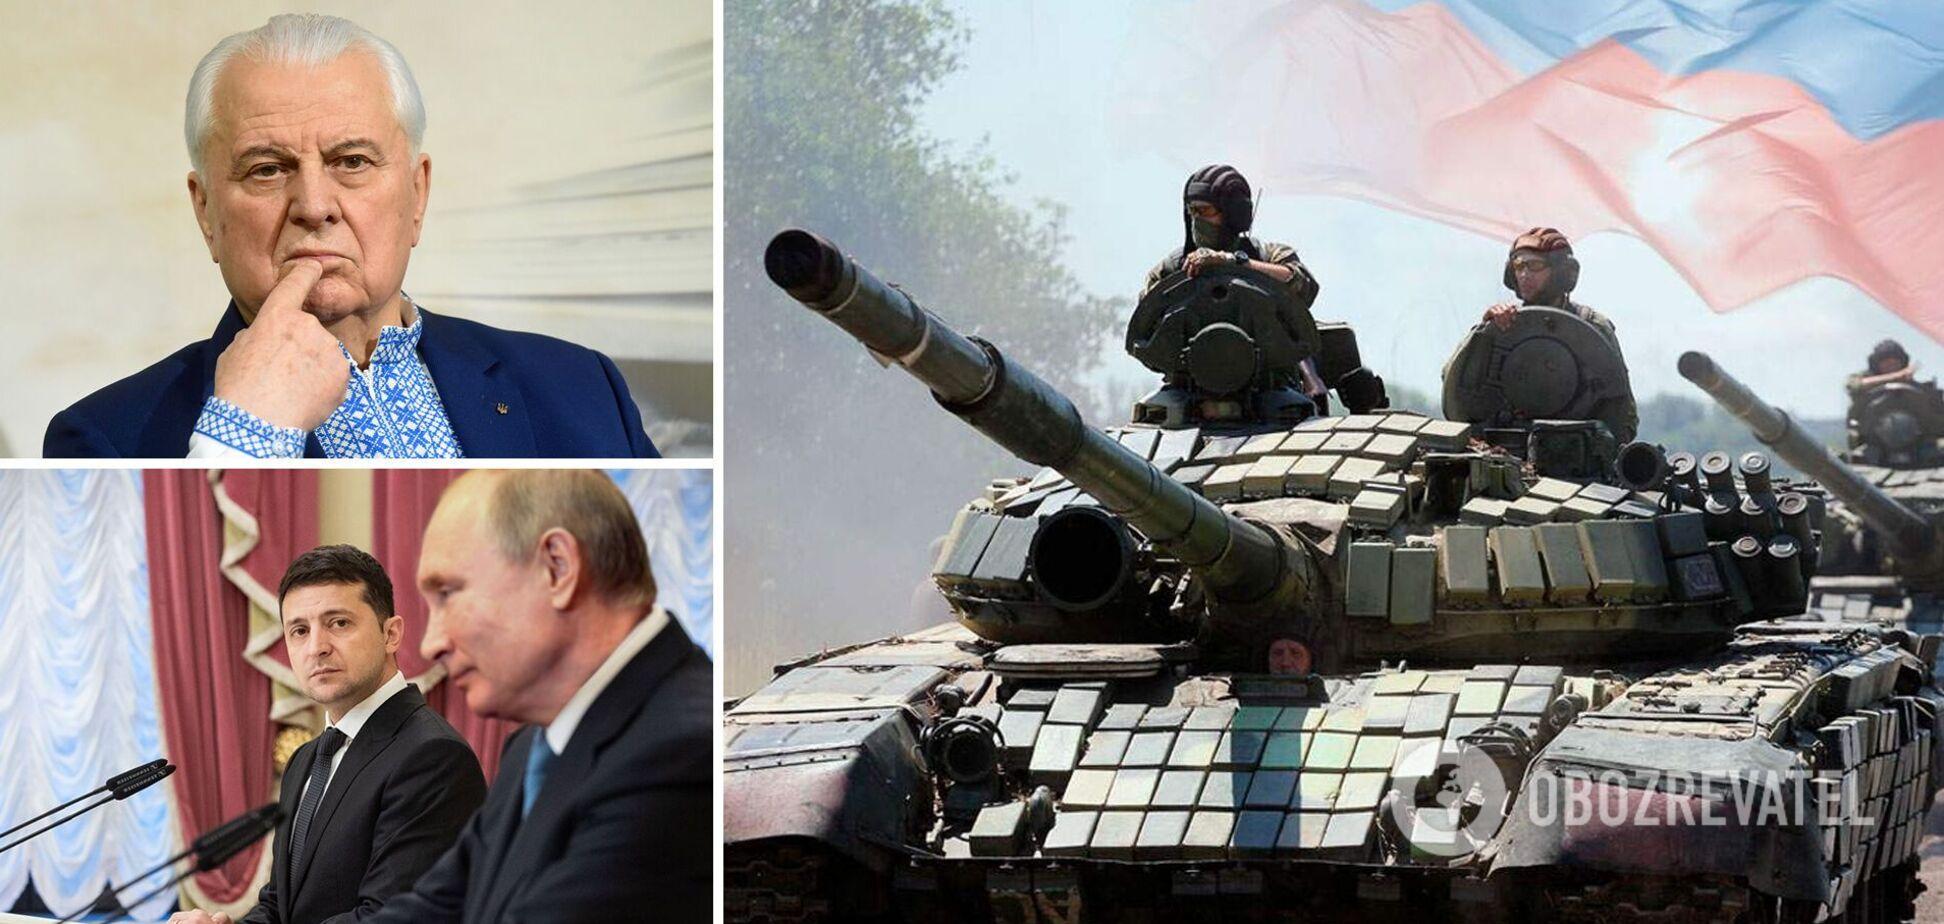 Кравчук: Зеленський проявив сміливість, Путін не знає, як діяти далі